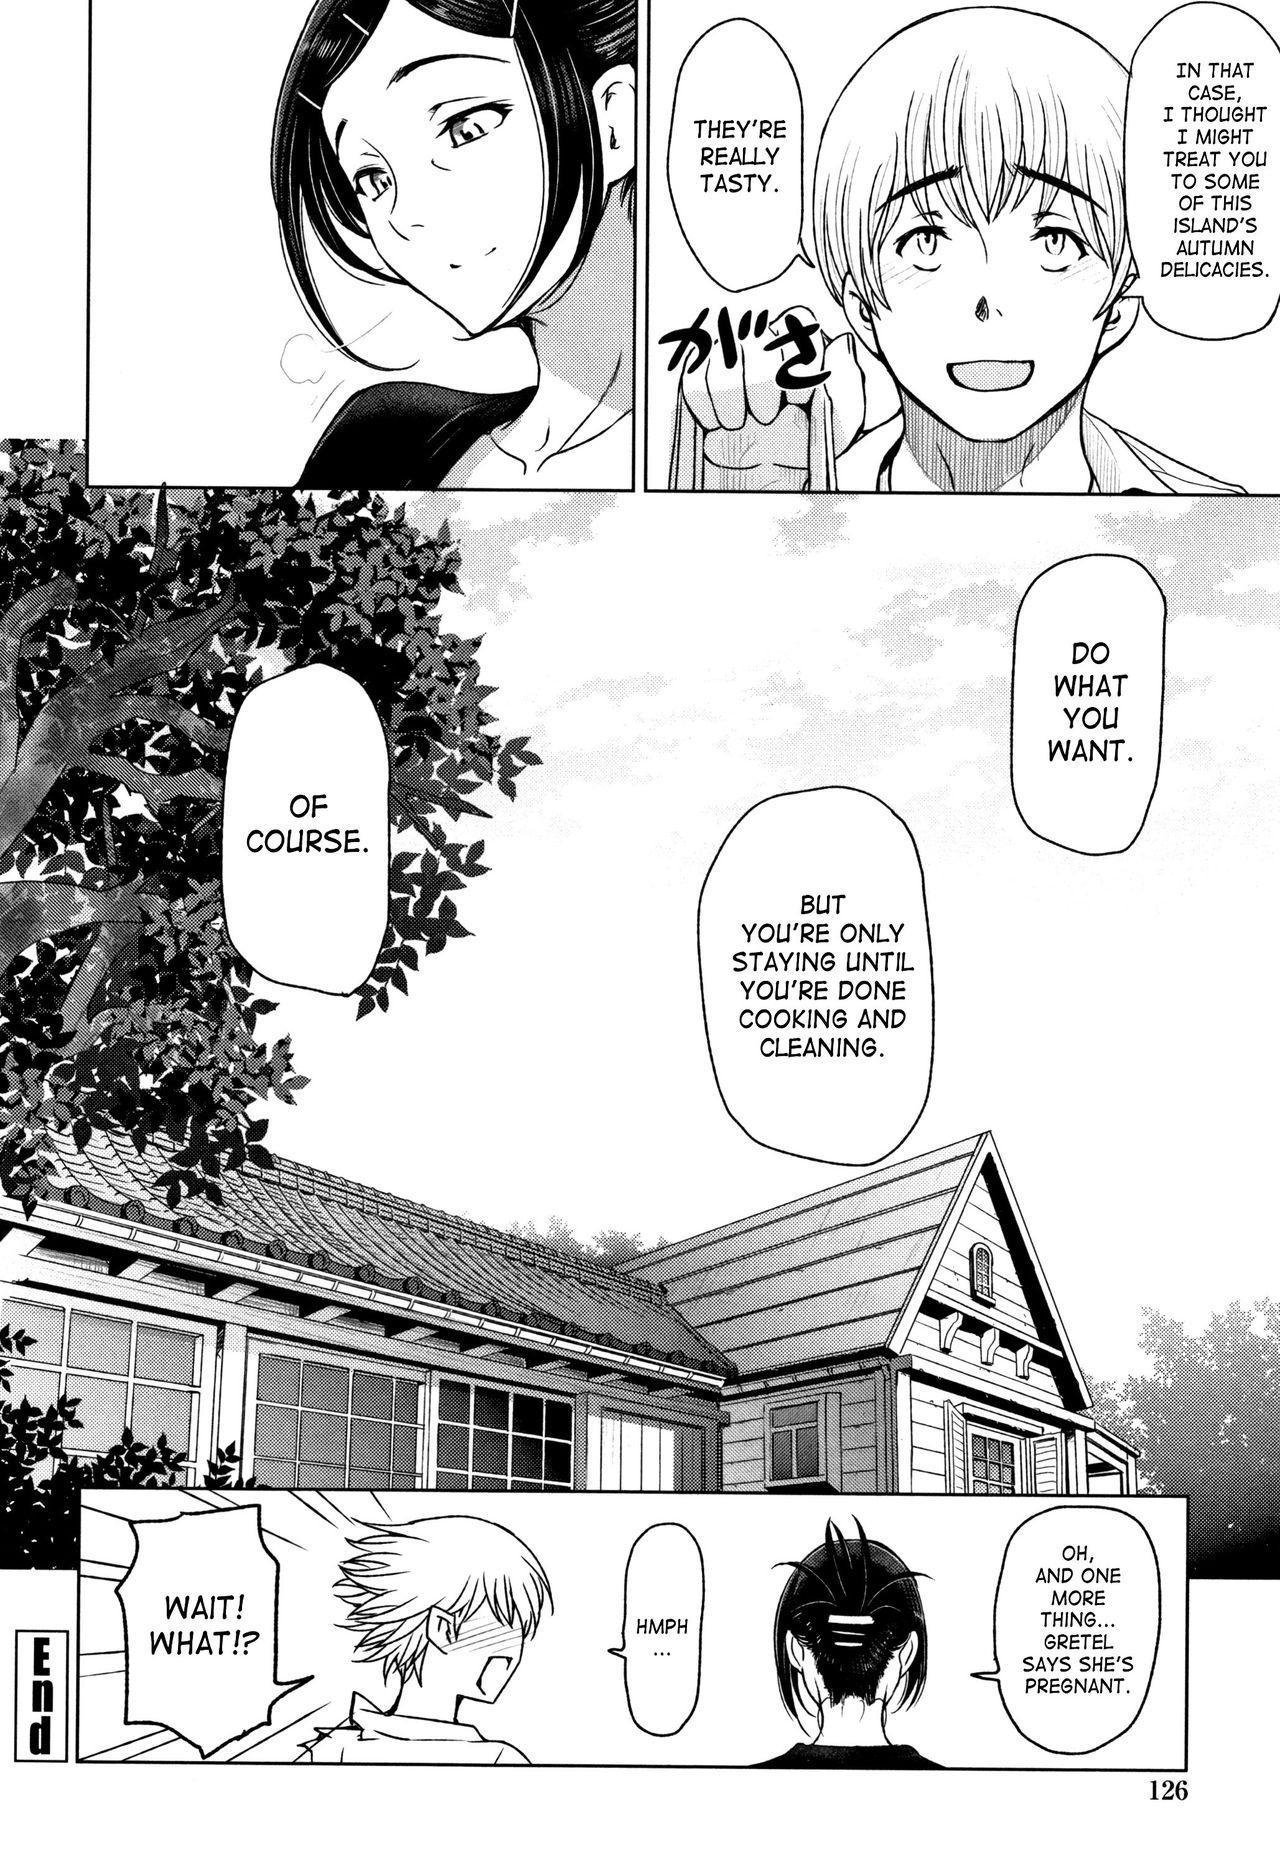 [Sena Youtarou] Natsu-jiru ~Ase ni Mamirete Gucchagucha~ Ch. 2-10 [English] [SaHa + Team Koinaka] 125